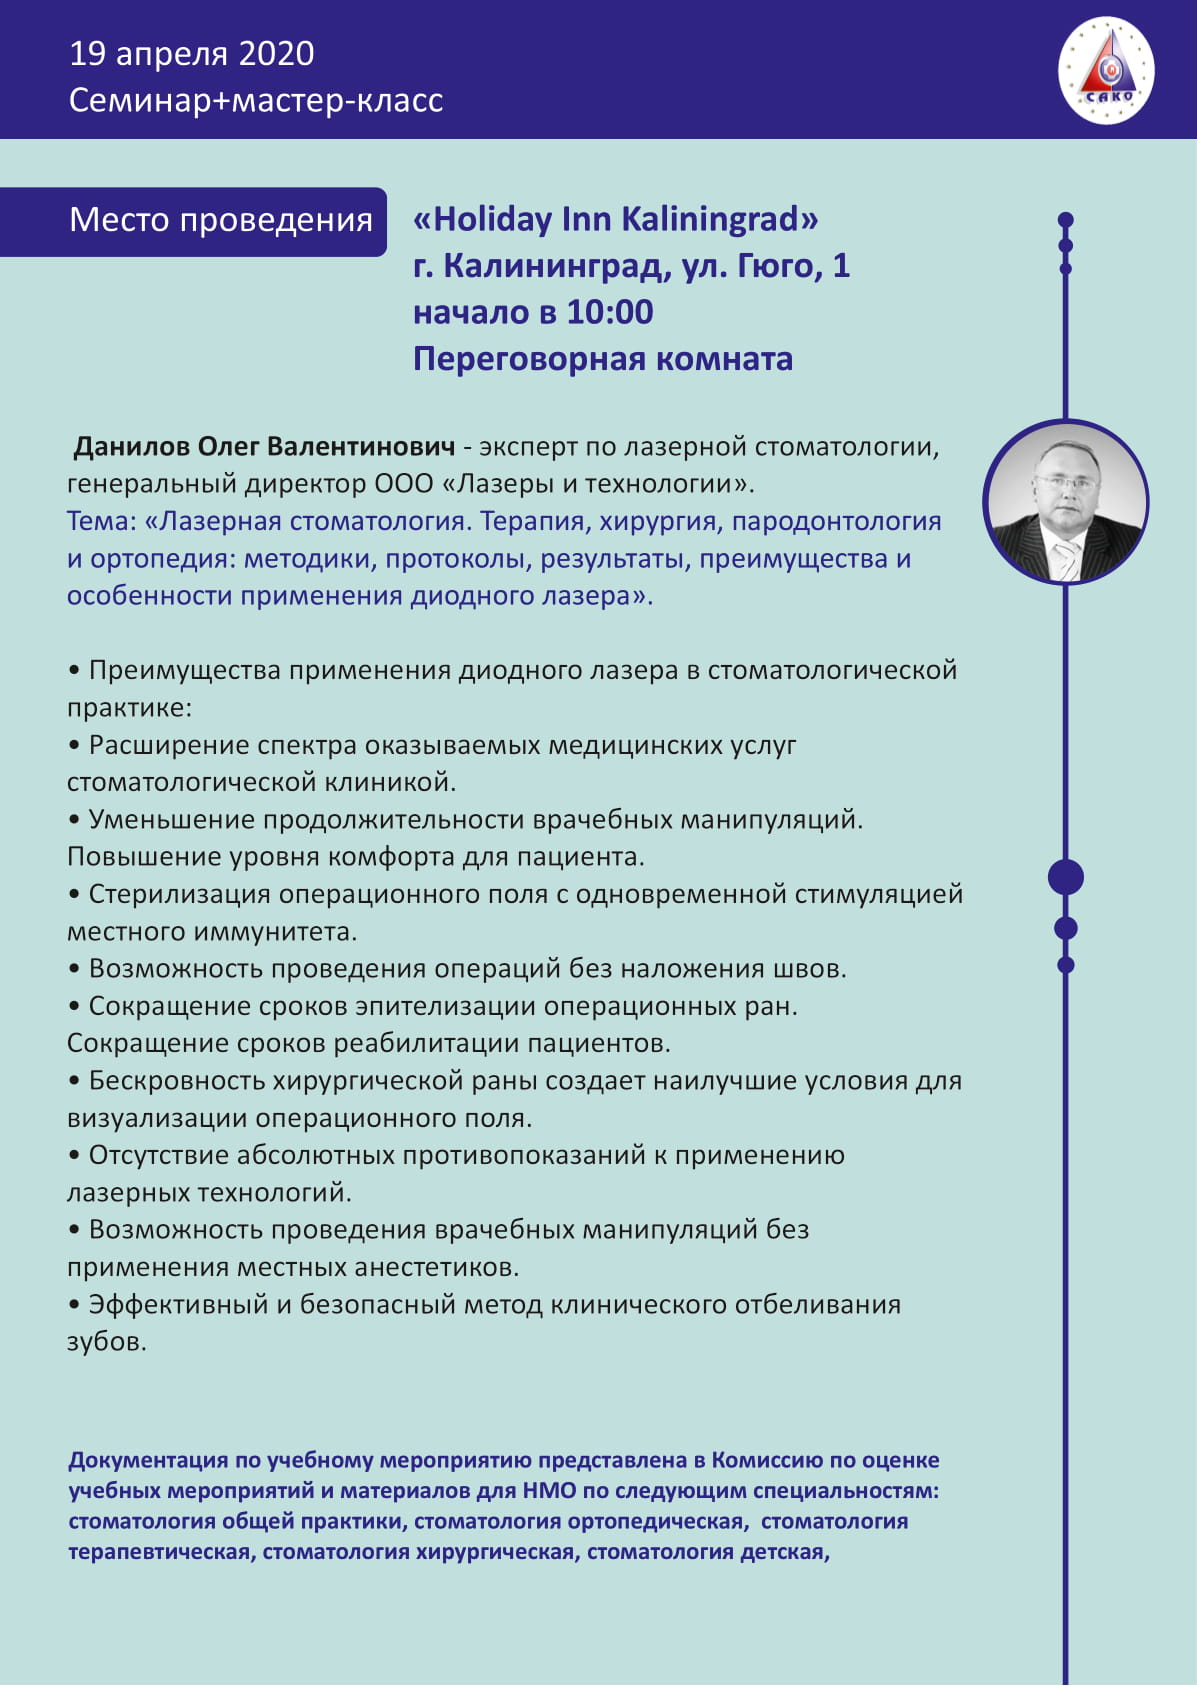 Программа конференции 18-19 апреля